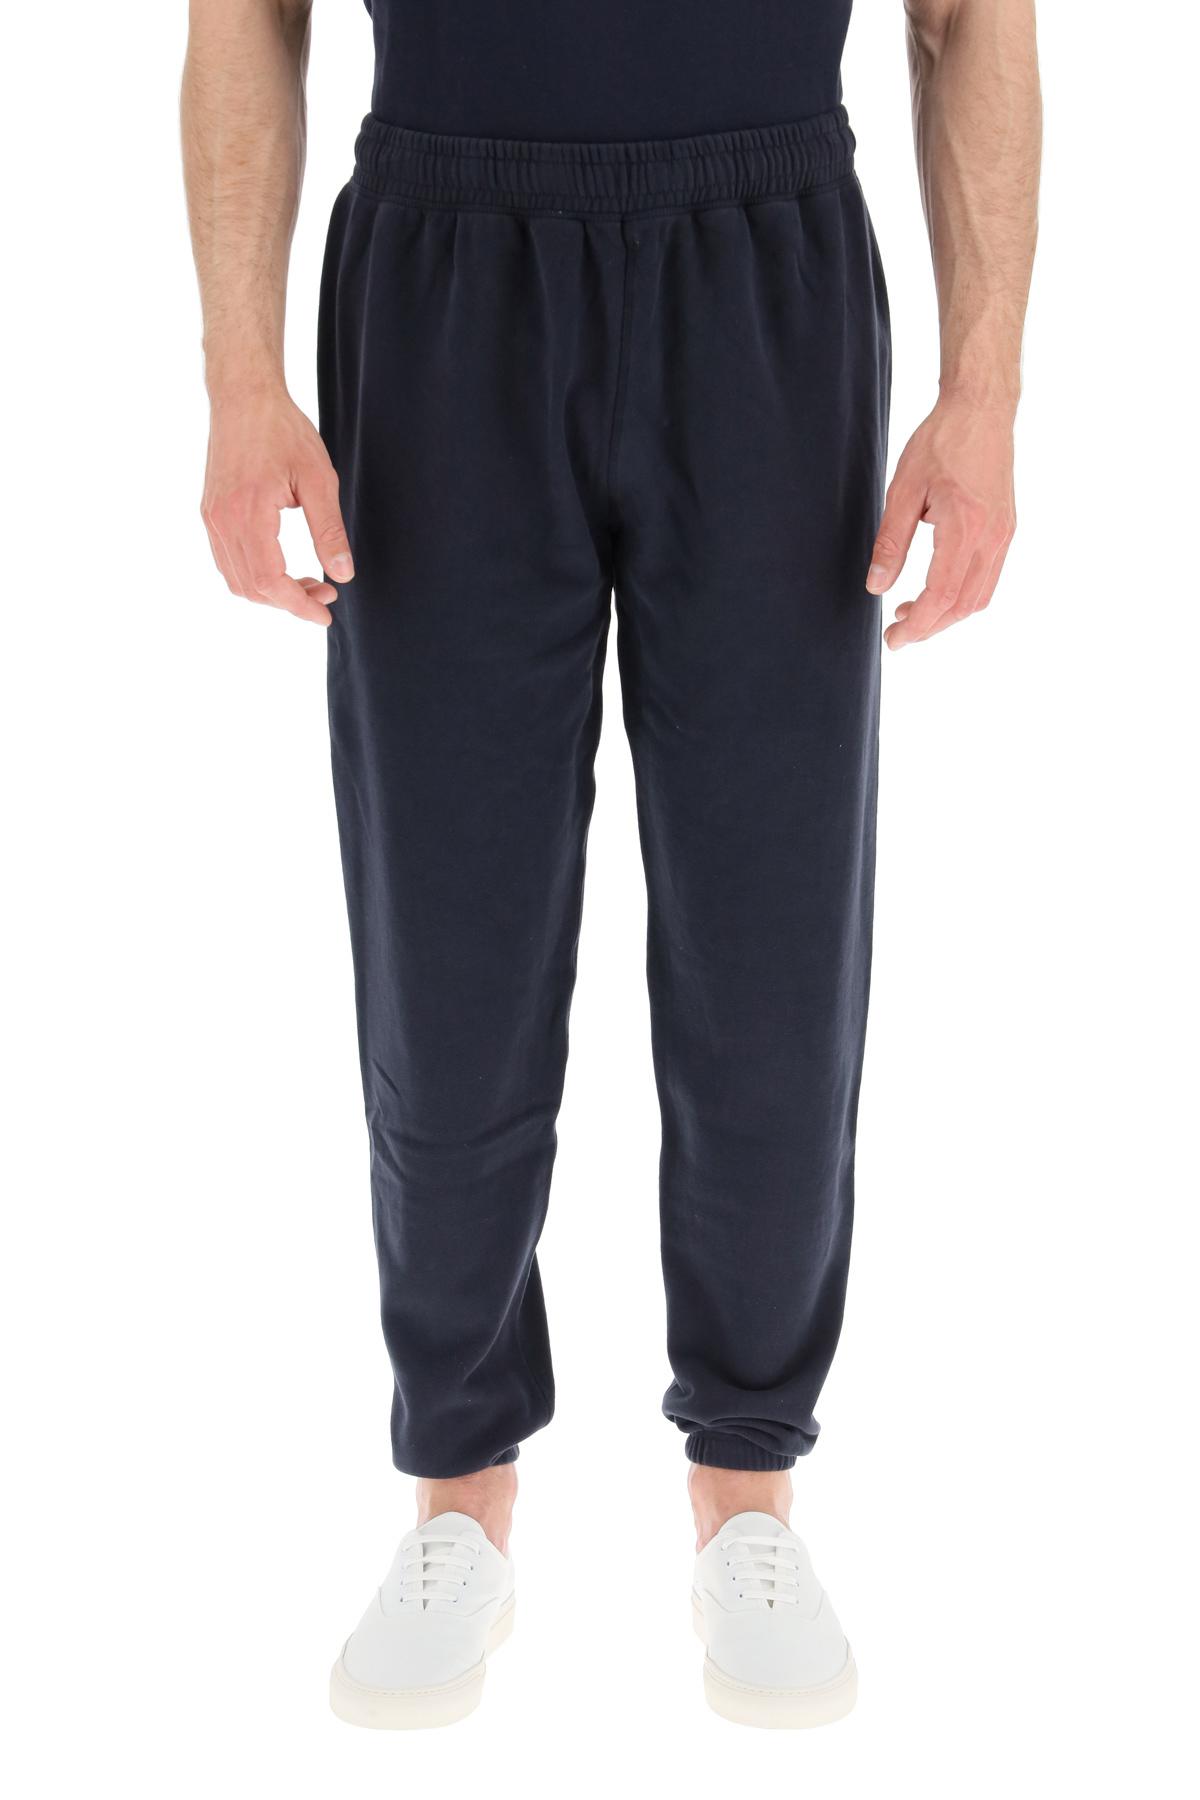 Gm77 pantaloni in felpa